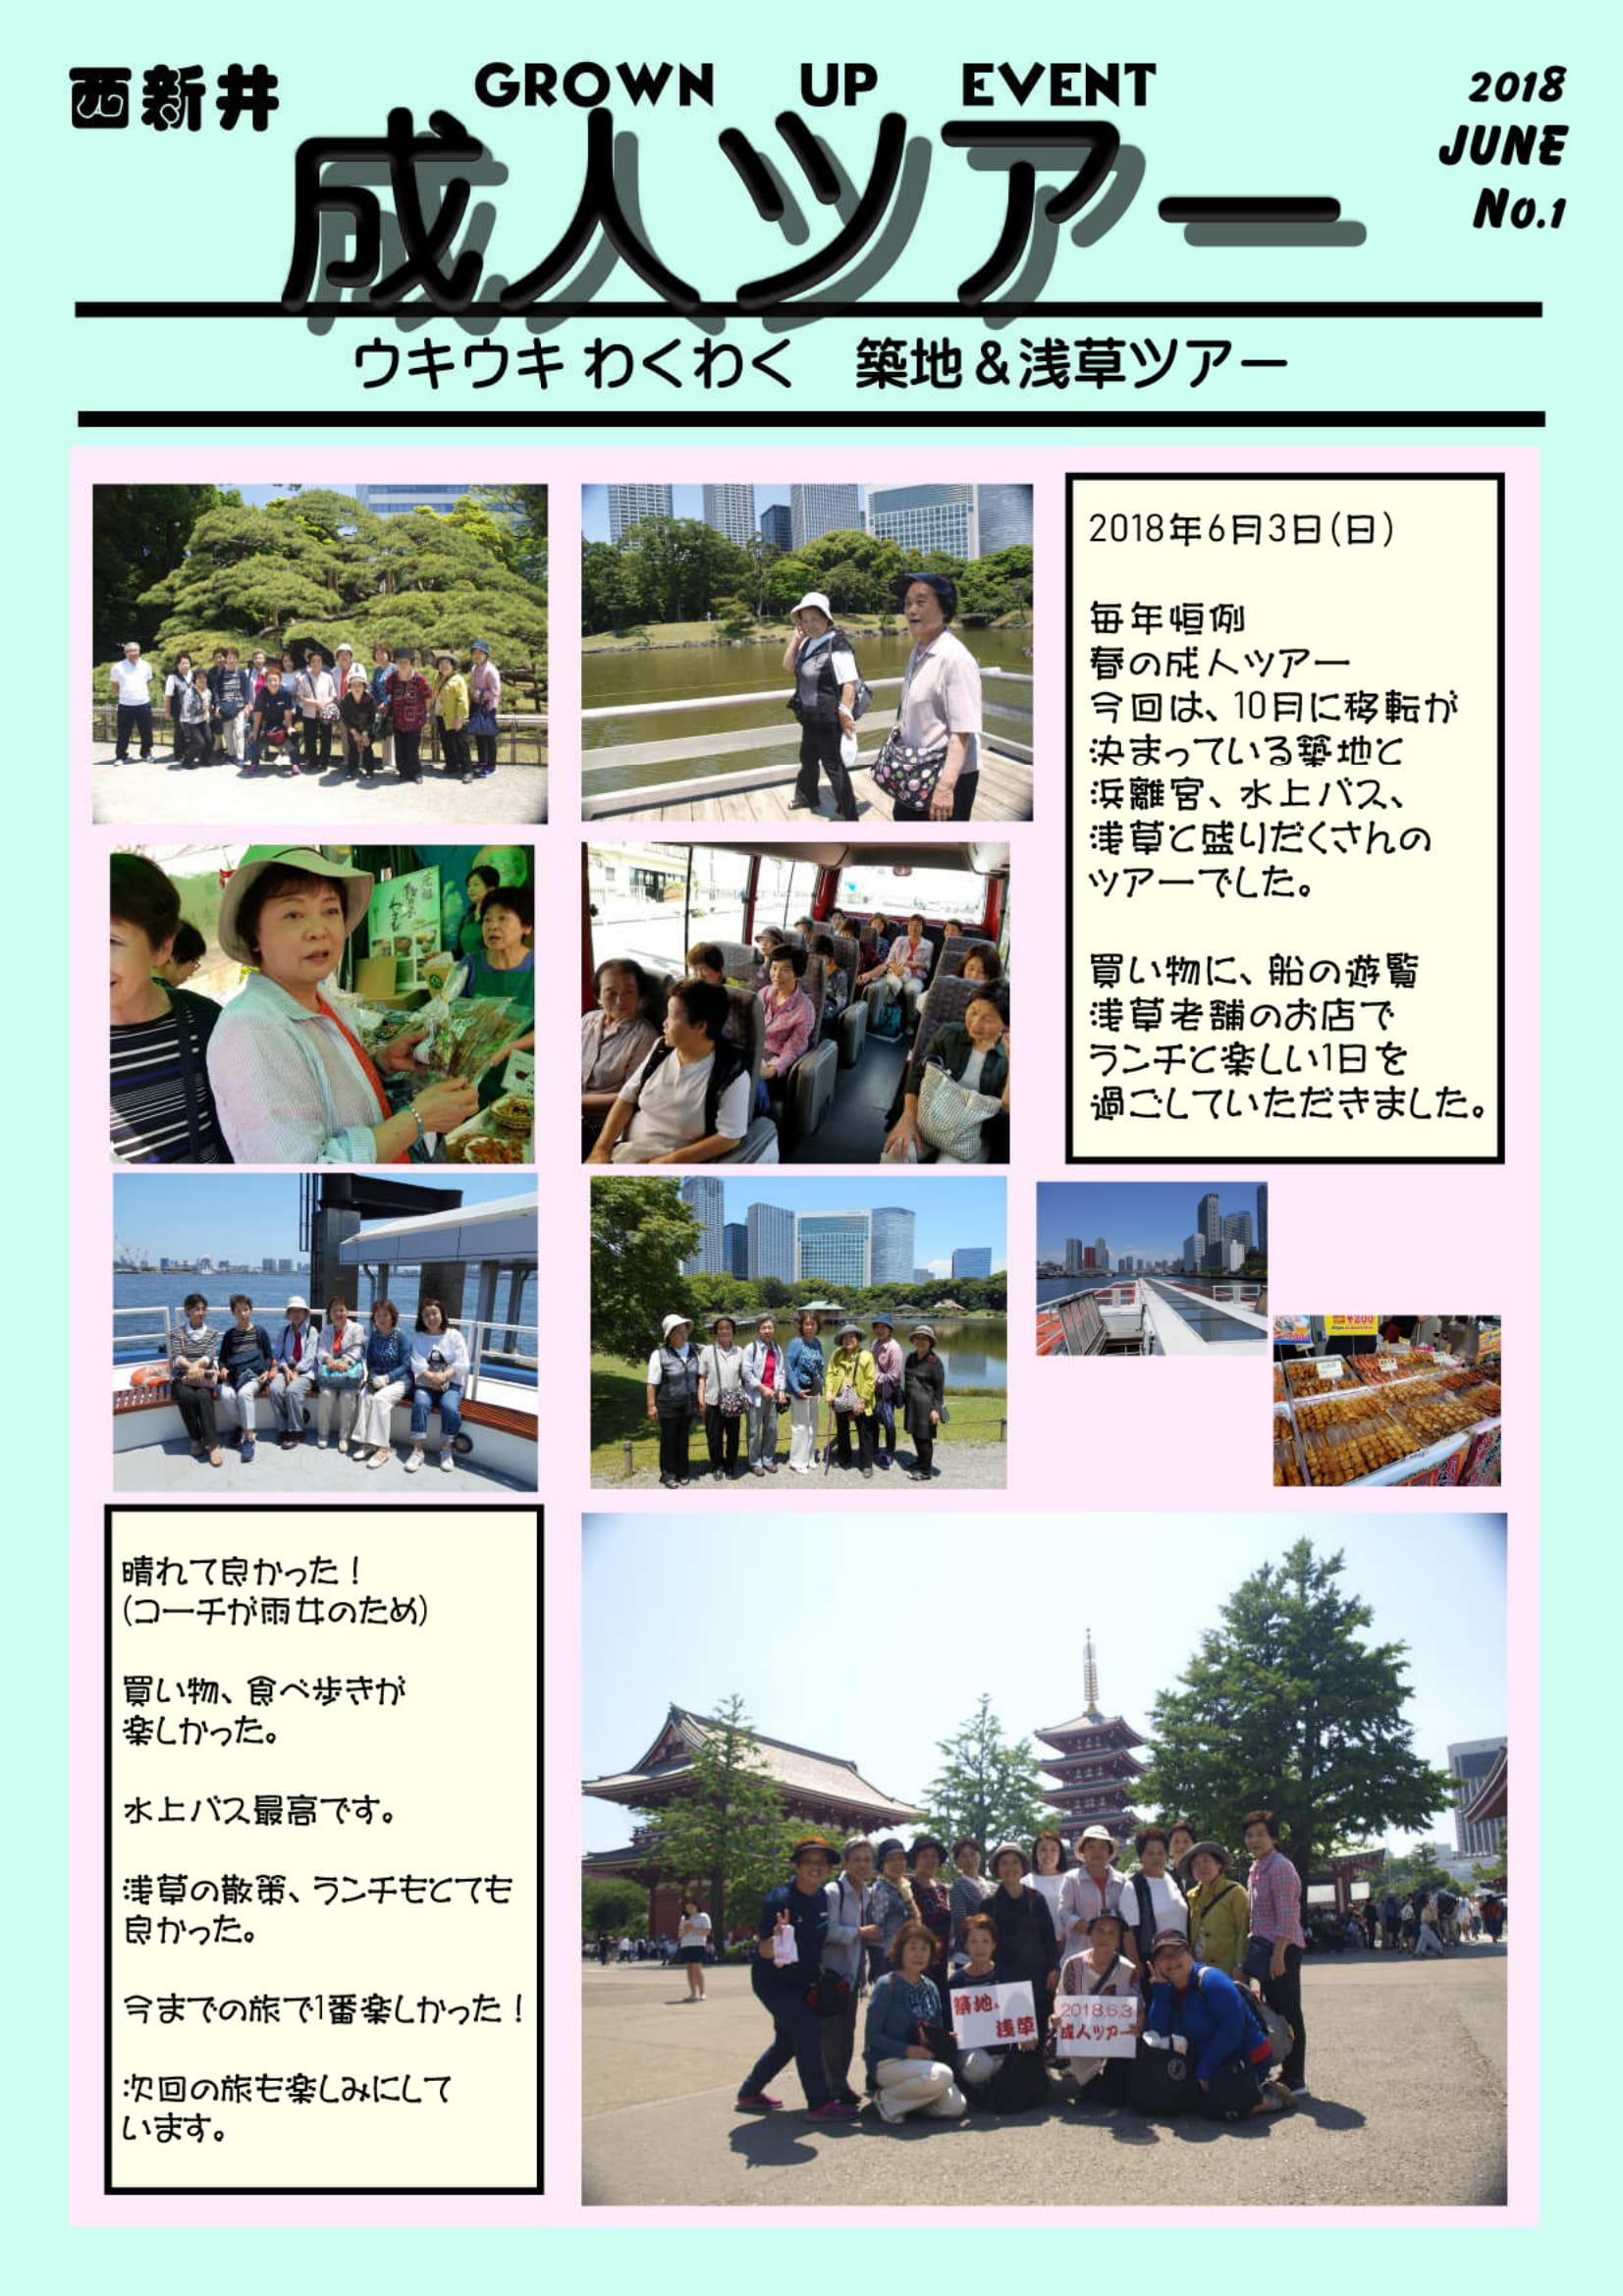 西新井スイミング「築地&浅草ツアー」に行きました!